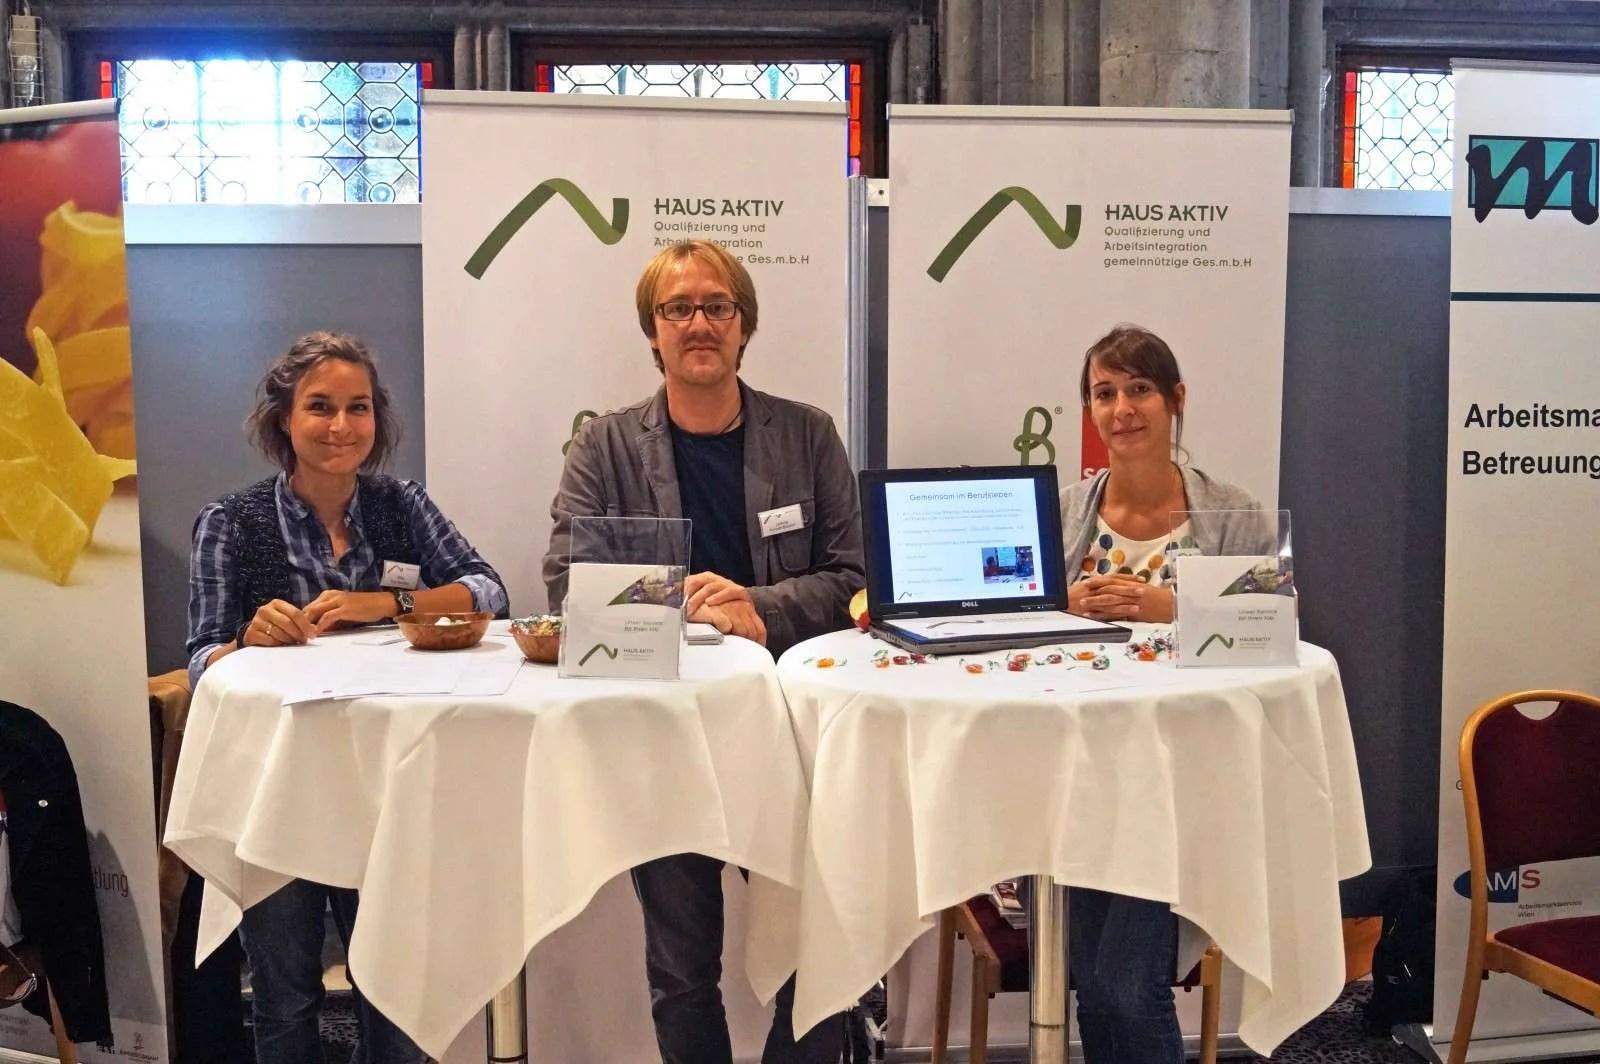 von links nach rechts  Integrationsbegleiterin Outplacement Mag. Eva Haubner, Projektleiter Roman  Bischof, Integrationsbegleiterin Outplacement Mag. Simone Wittmann